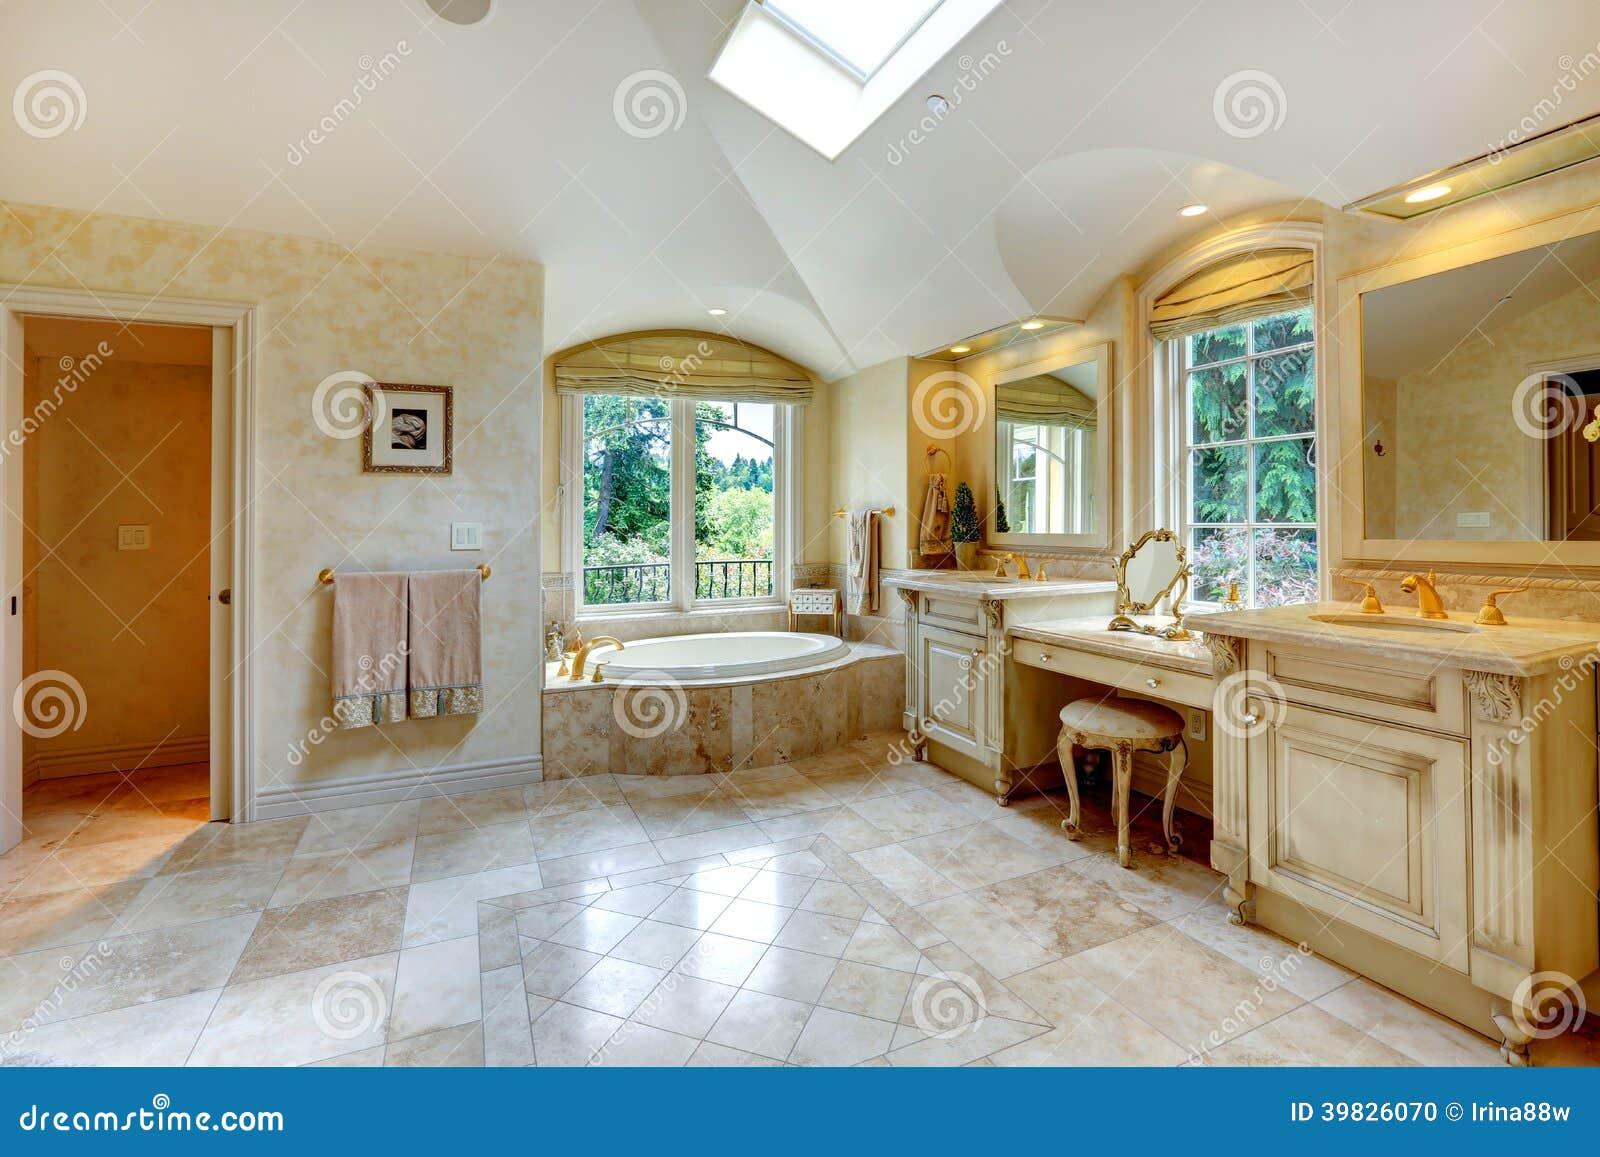 da vaidade velha antiga com armários e banheira com janela do arco #7B430C 1300x957 Banheiro Com Banheira Antiga